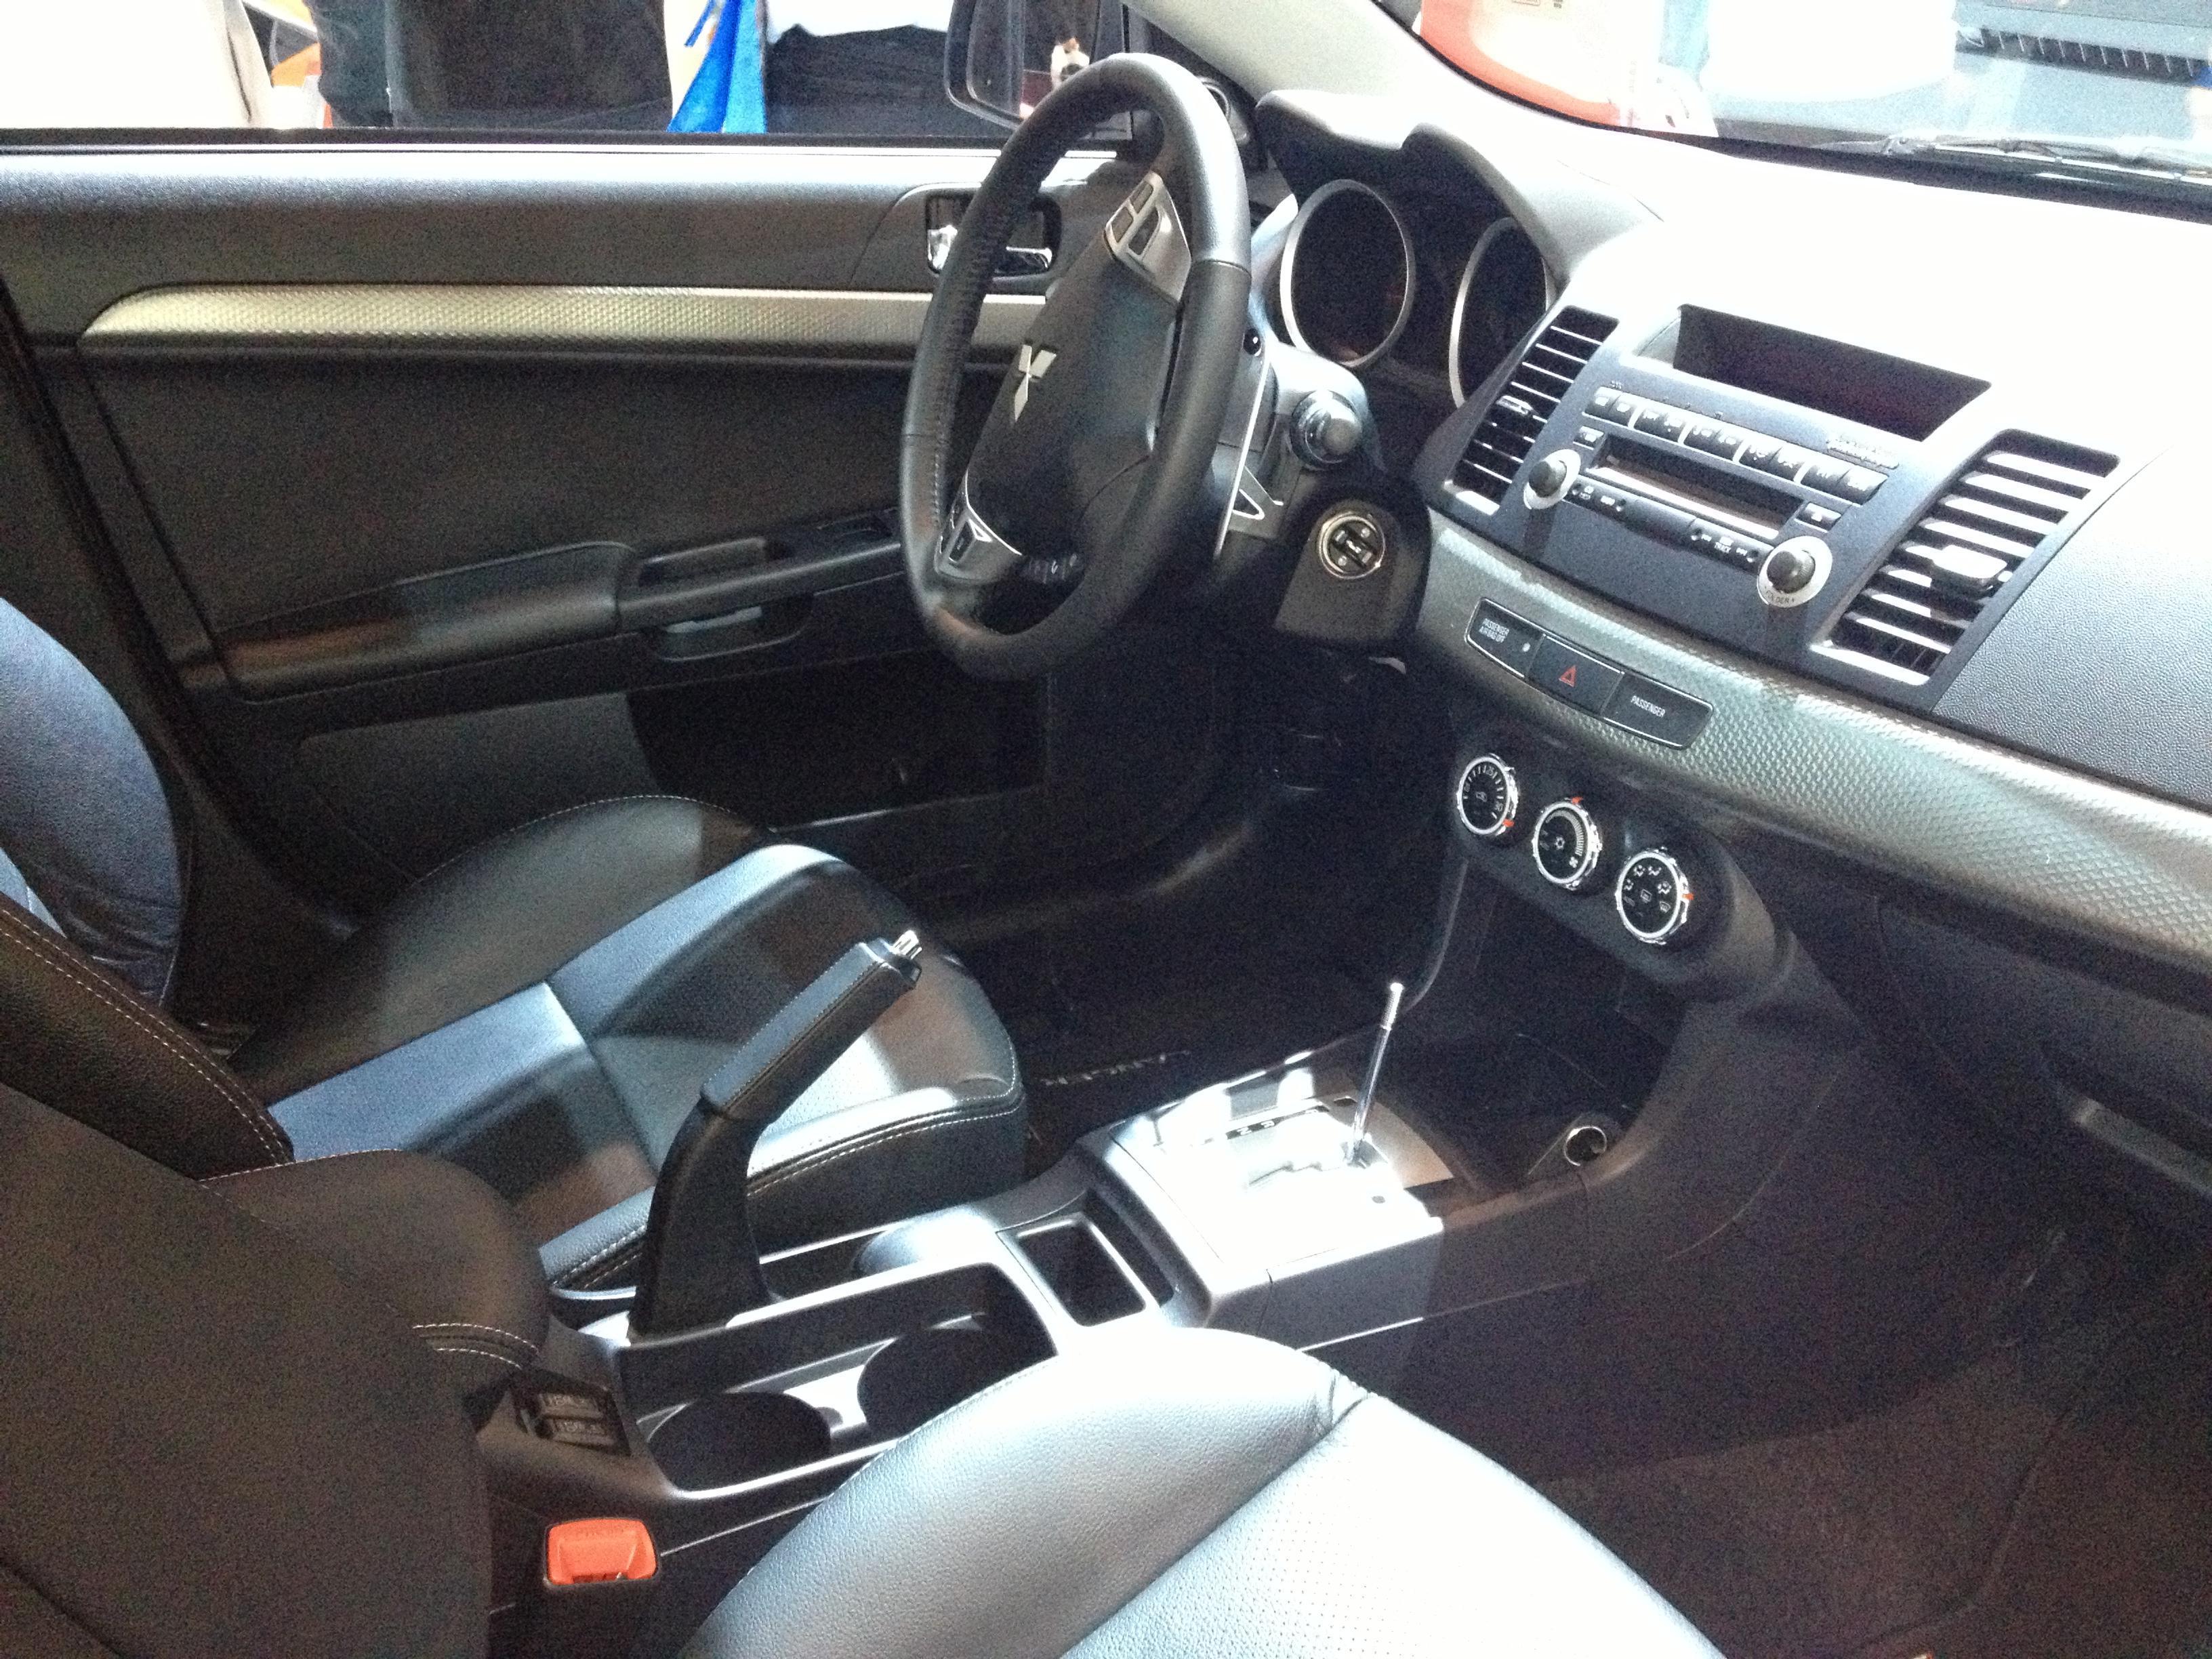 filemitsubishi lancer interiorjpg - Mitsubishi Evo Interior 2013